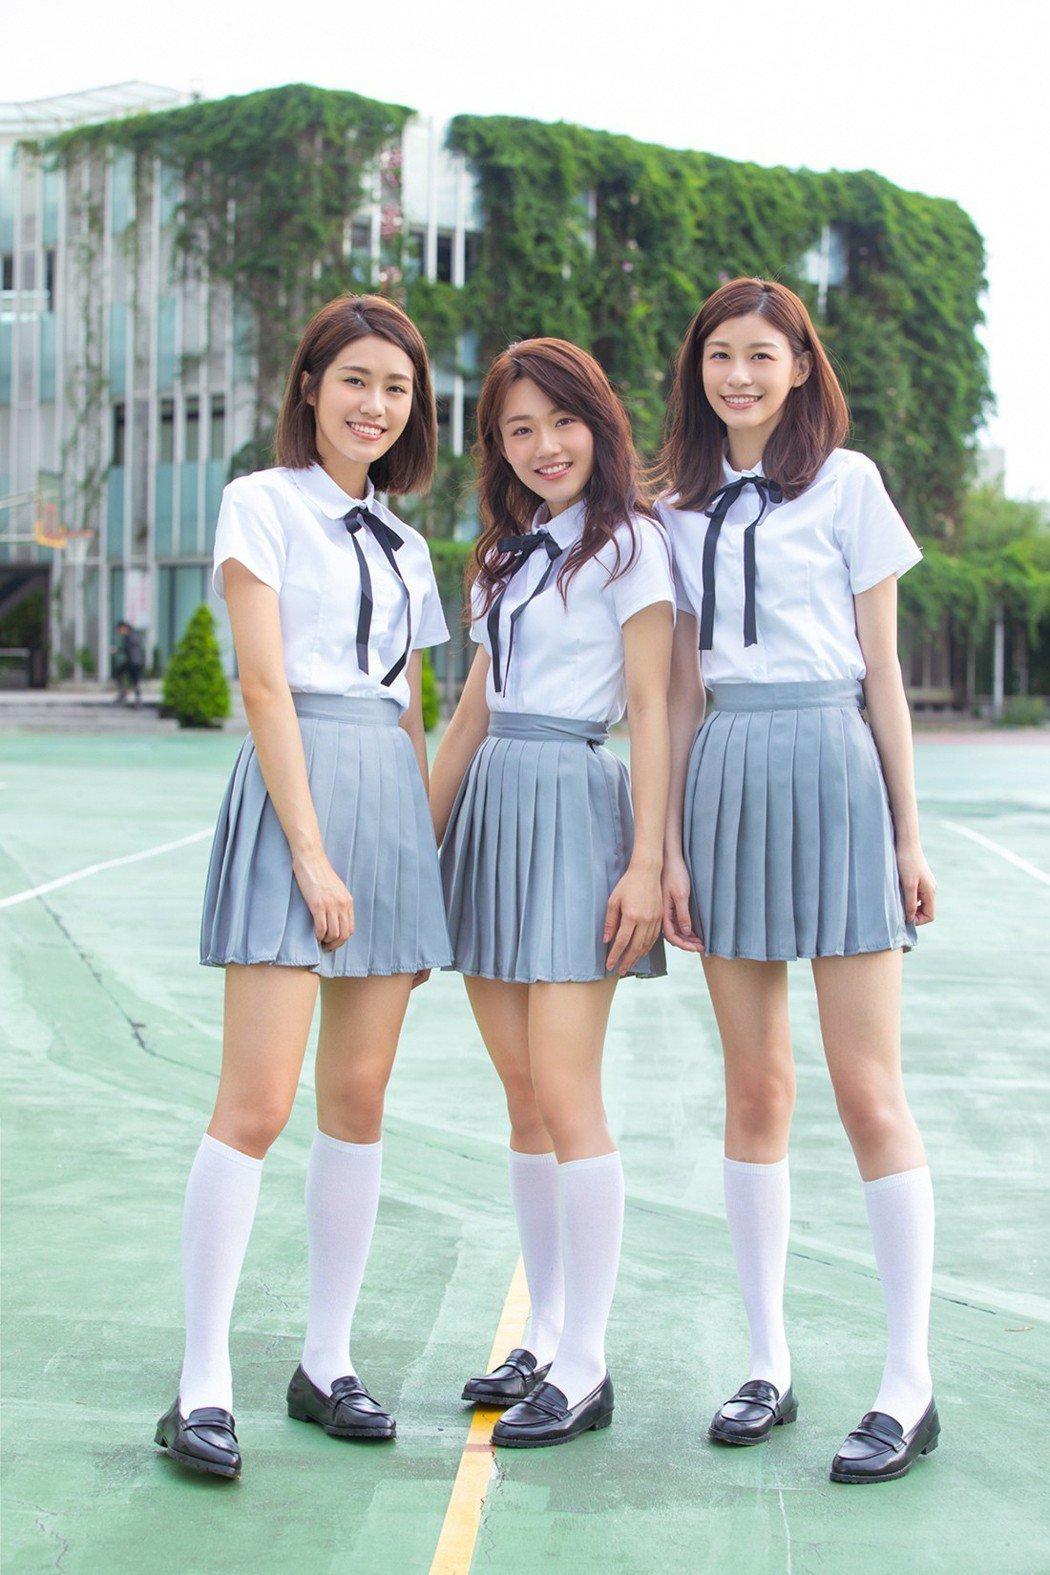 亭蘭(左起)、妤涵和孫睿換穿制服拍攝MV。圖/日光橘子提供